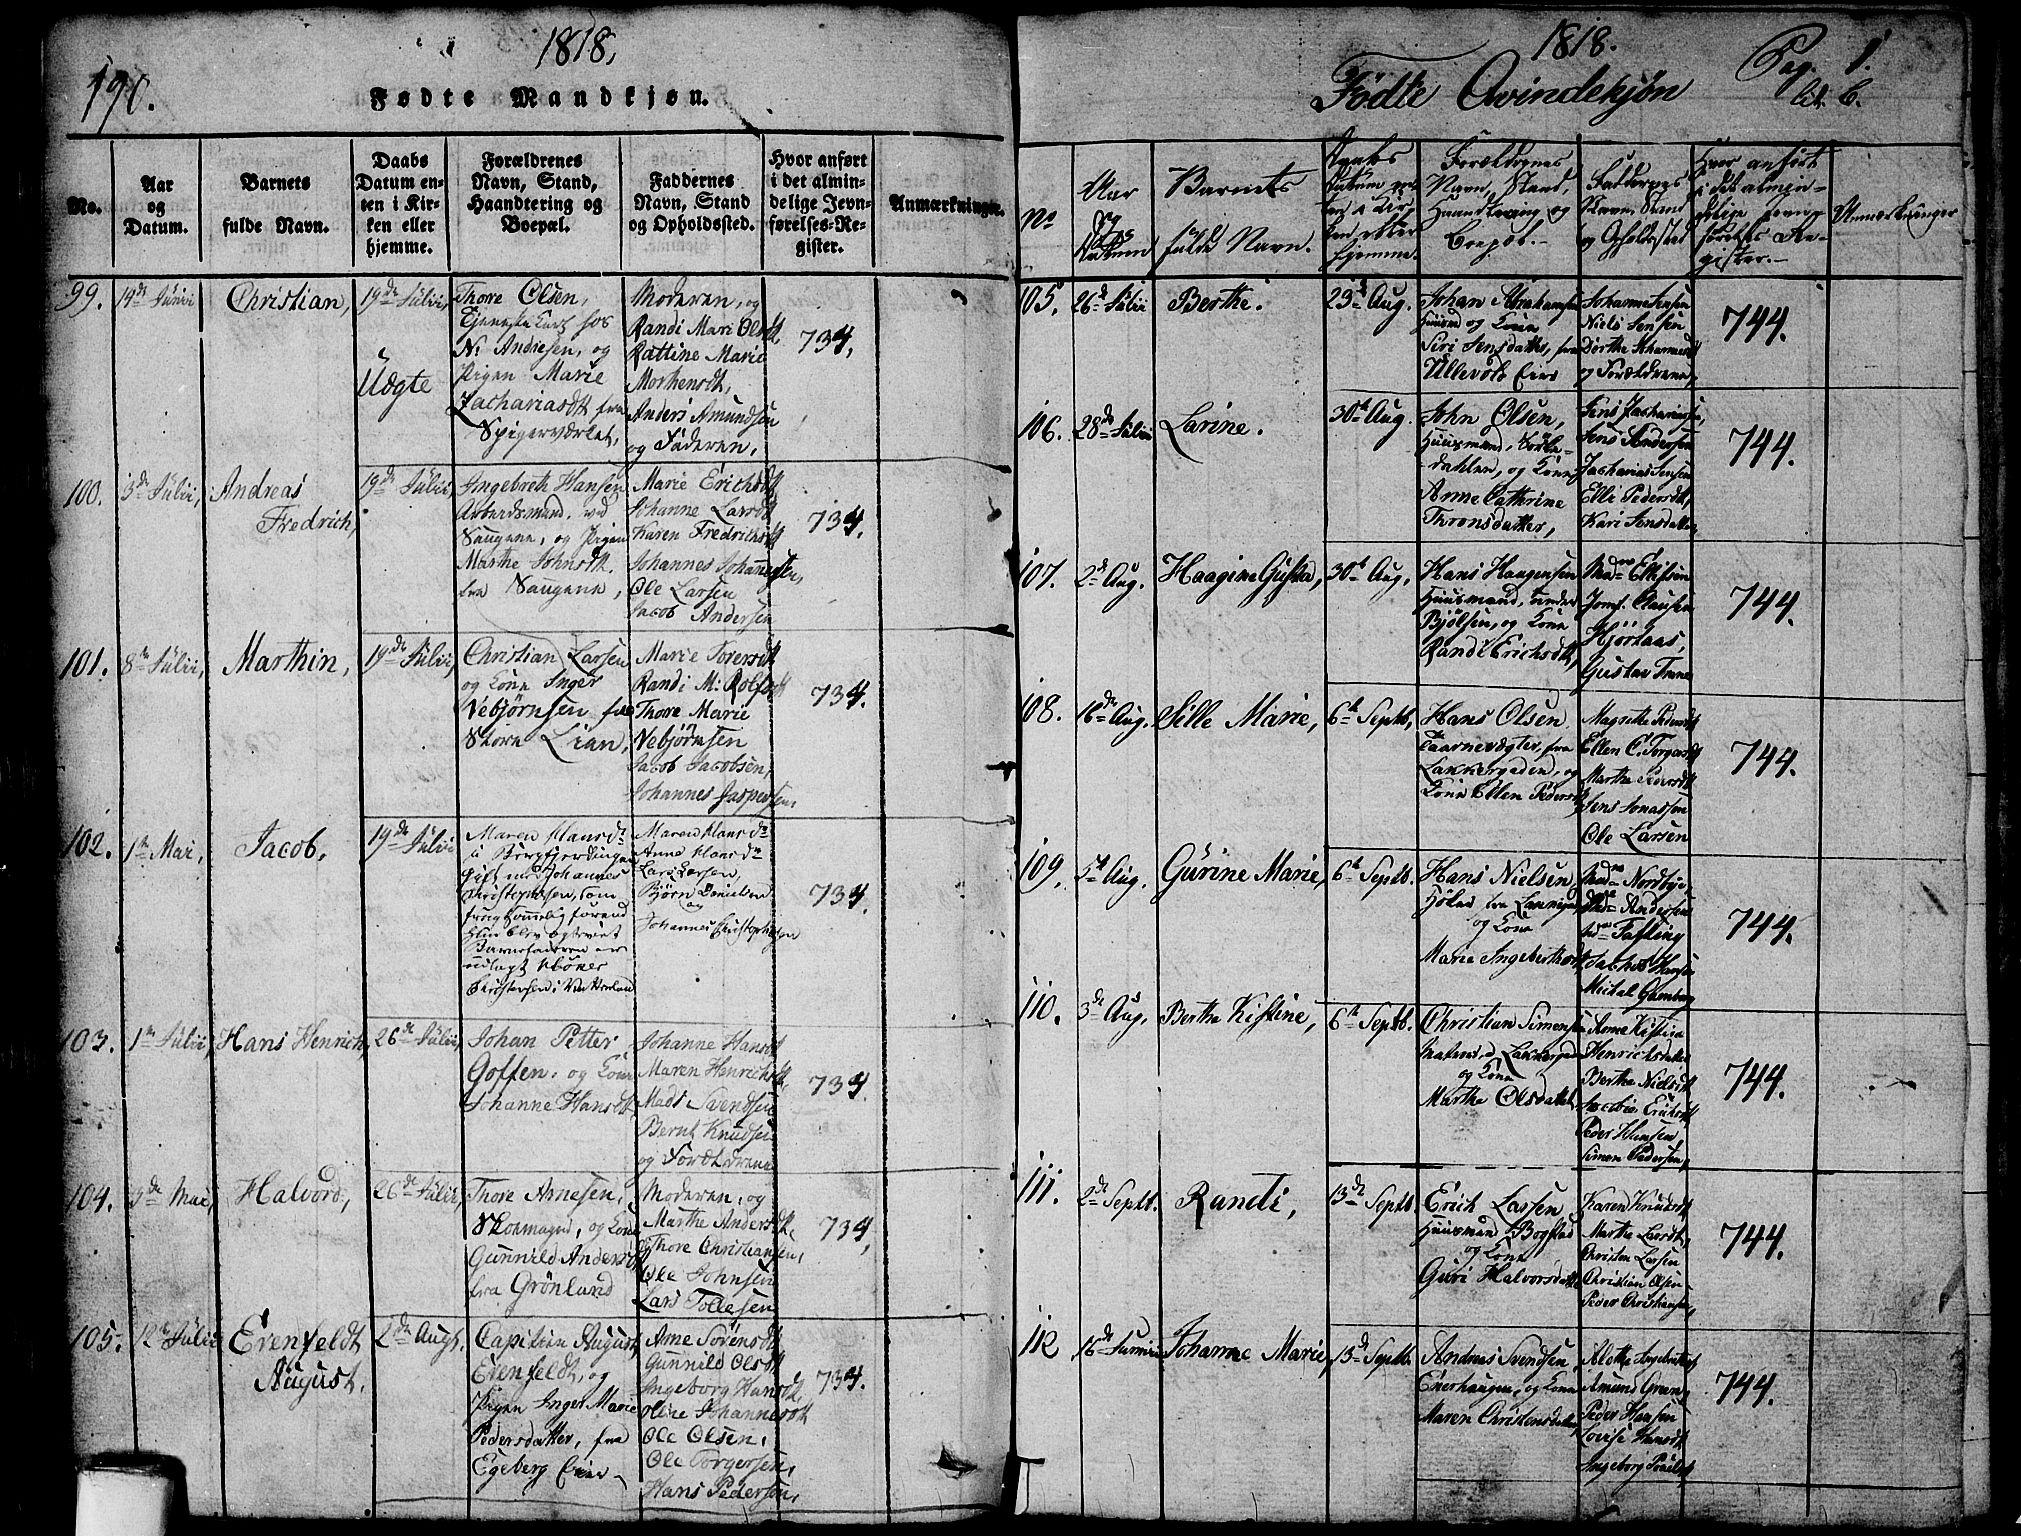 SAO, Aker prestekontor kirkebøker, G/L0002: Klokkerbok nr. 2, 1815-1819, s. 190a-190b